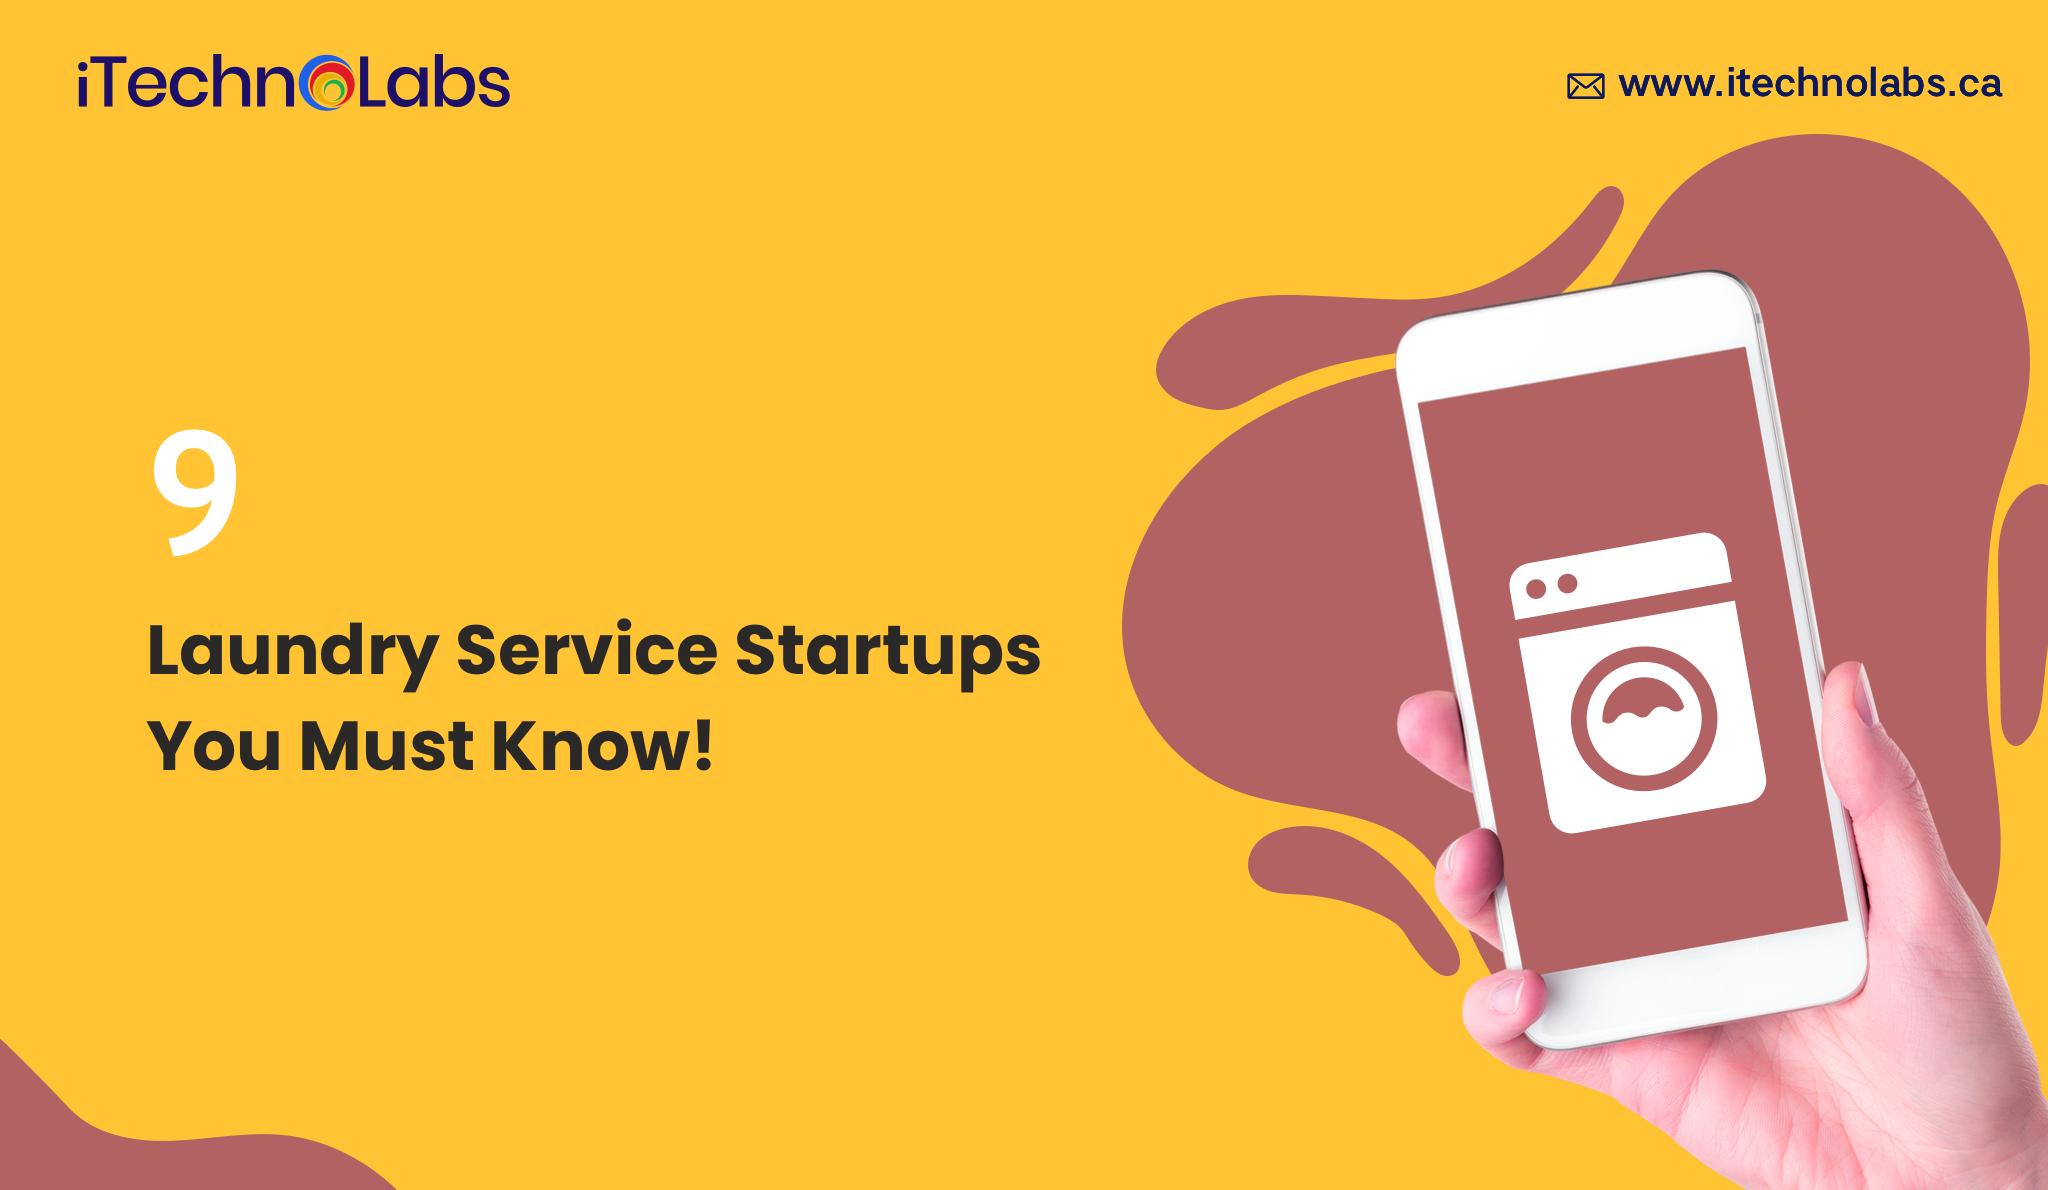 laundry service startups